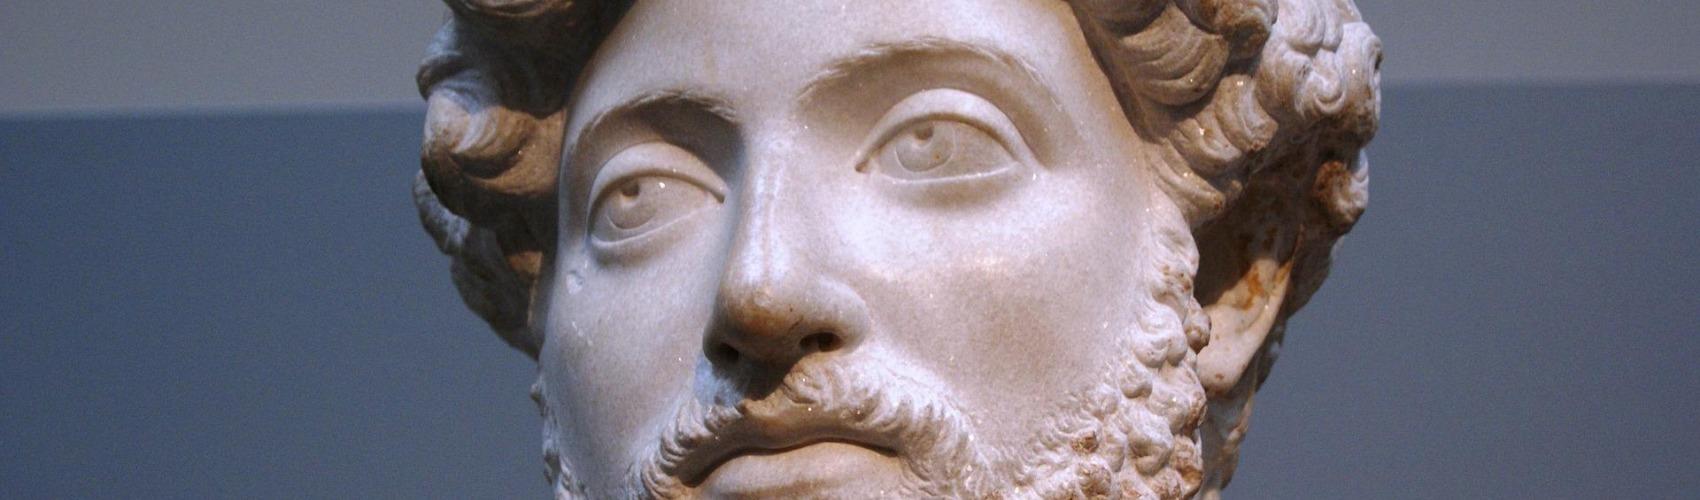 マルクスアウレリウスの画像